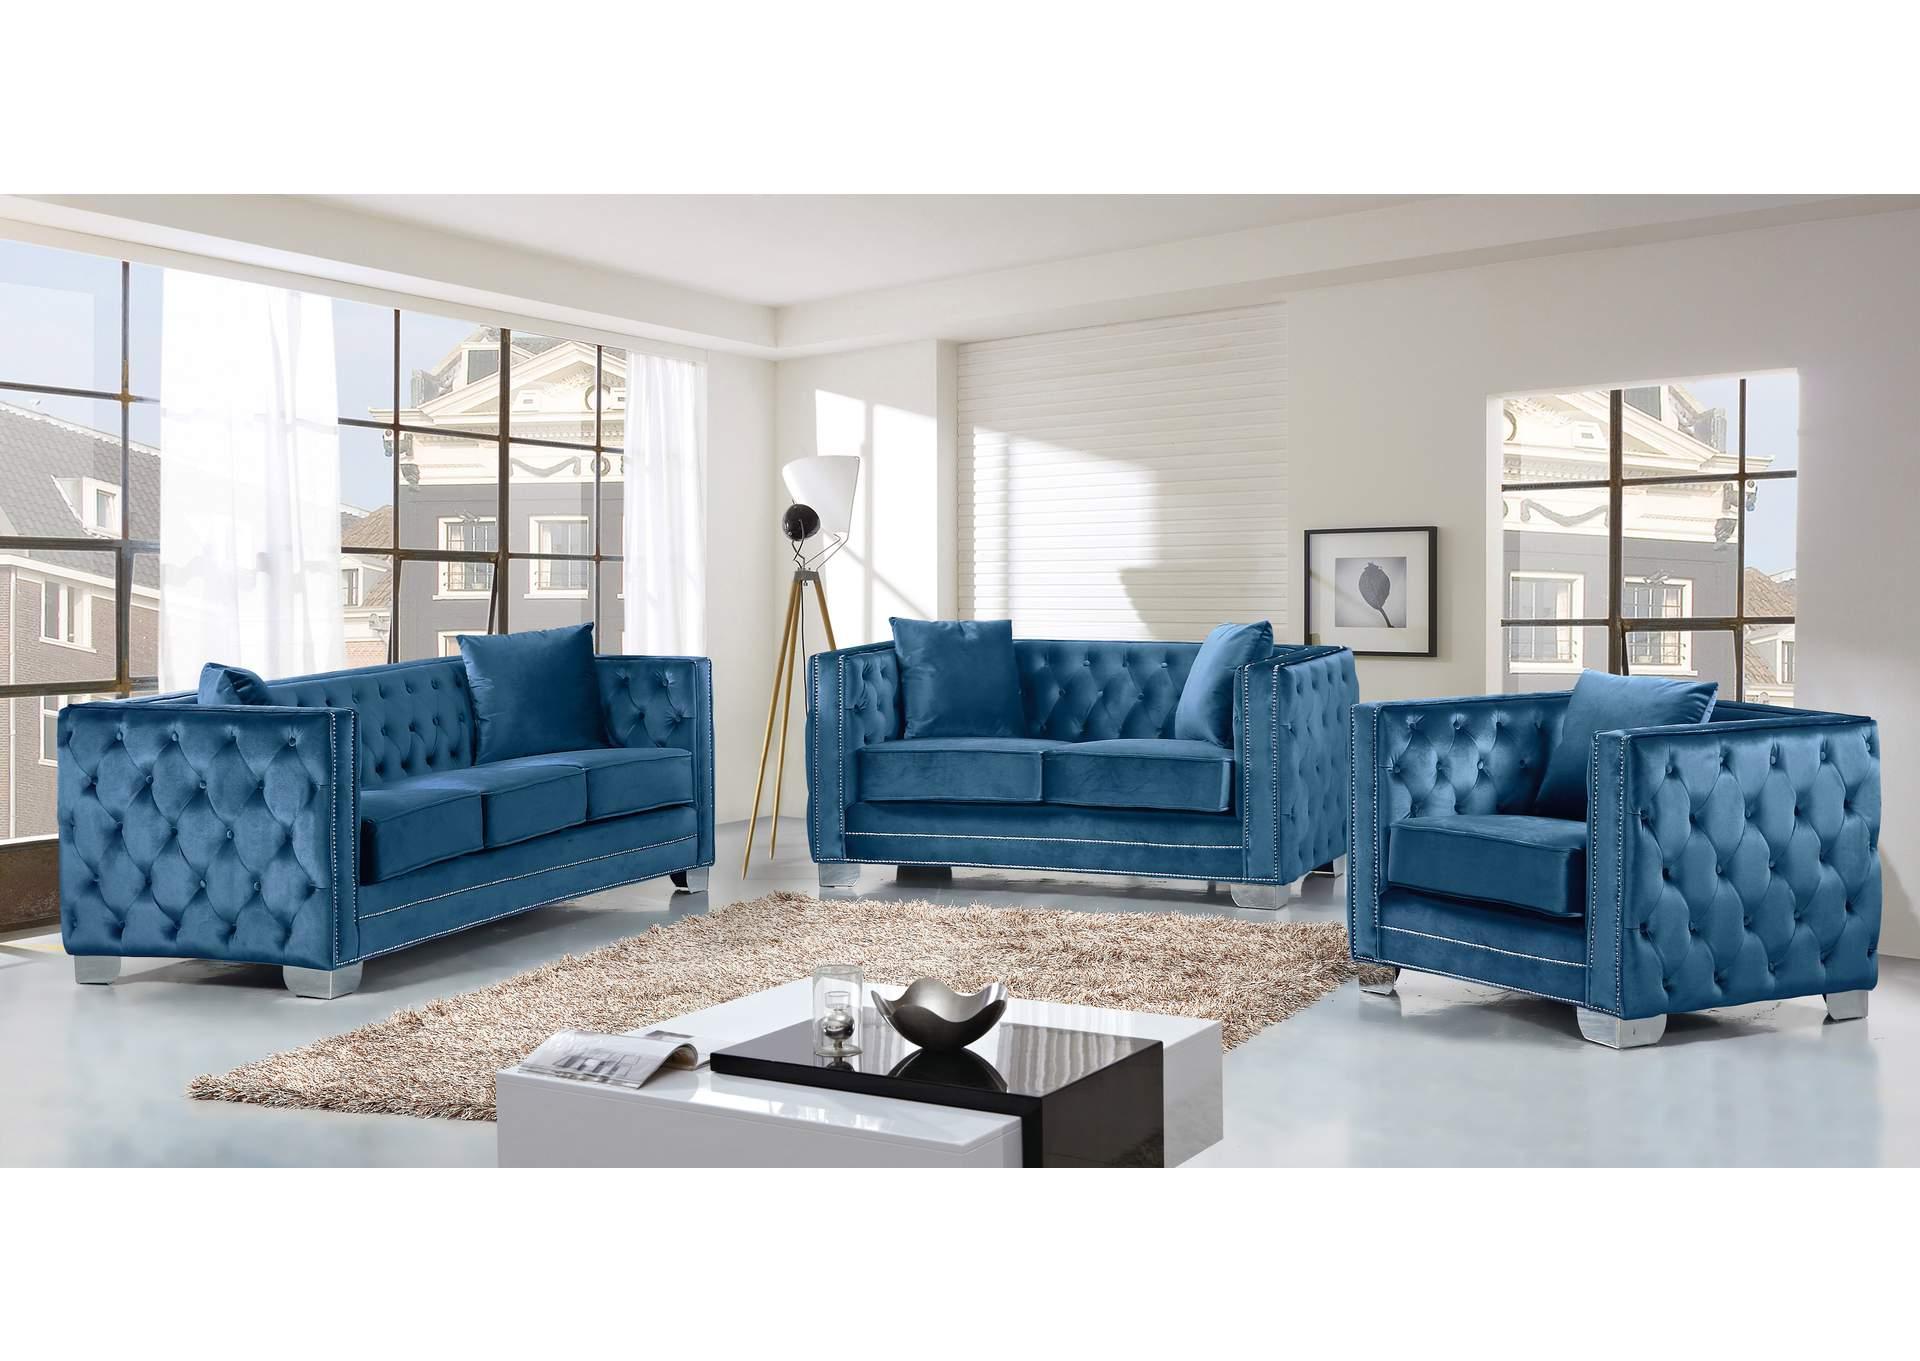 Best Buy Furniture and Mattress Reese Light Blue Velvet Sofa ...